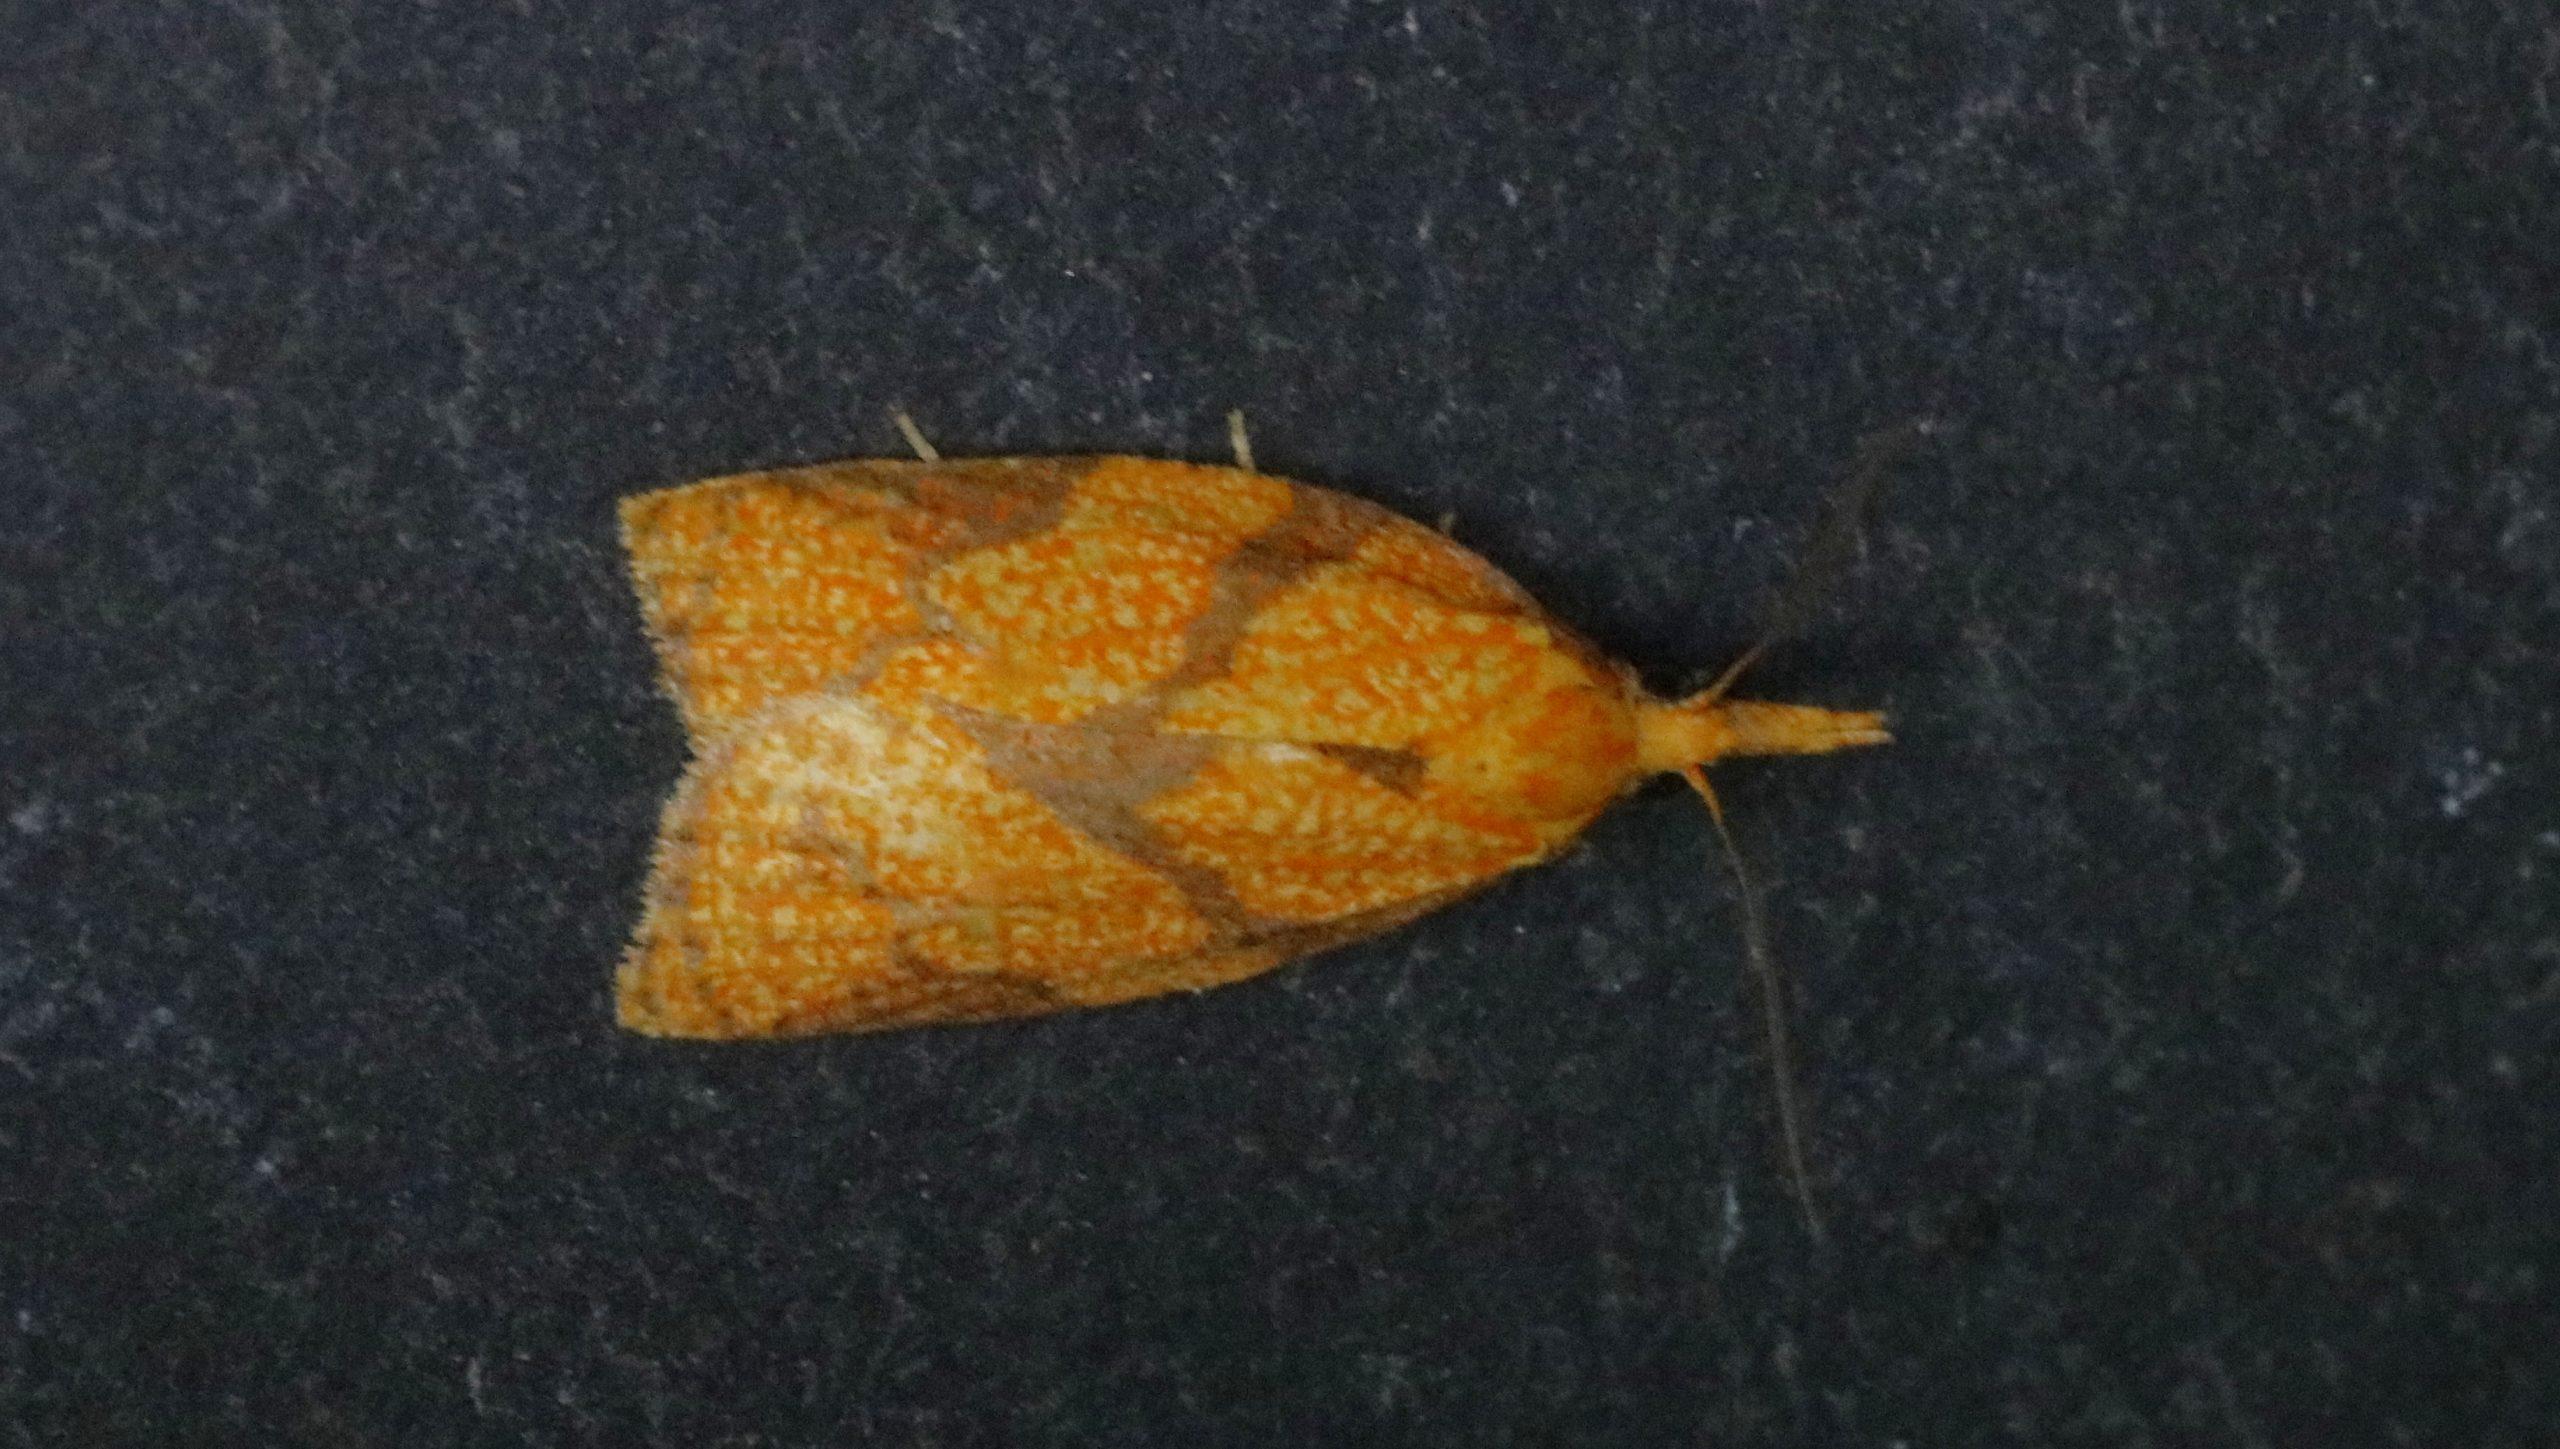 Certains papillons de nuit n'ont pas encore de nom français en raison de leur rareté. Celui-ci est remarquable par ses marques réticulées sur les ailes.